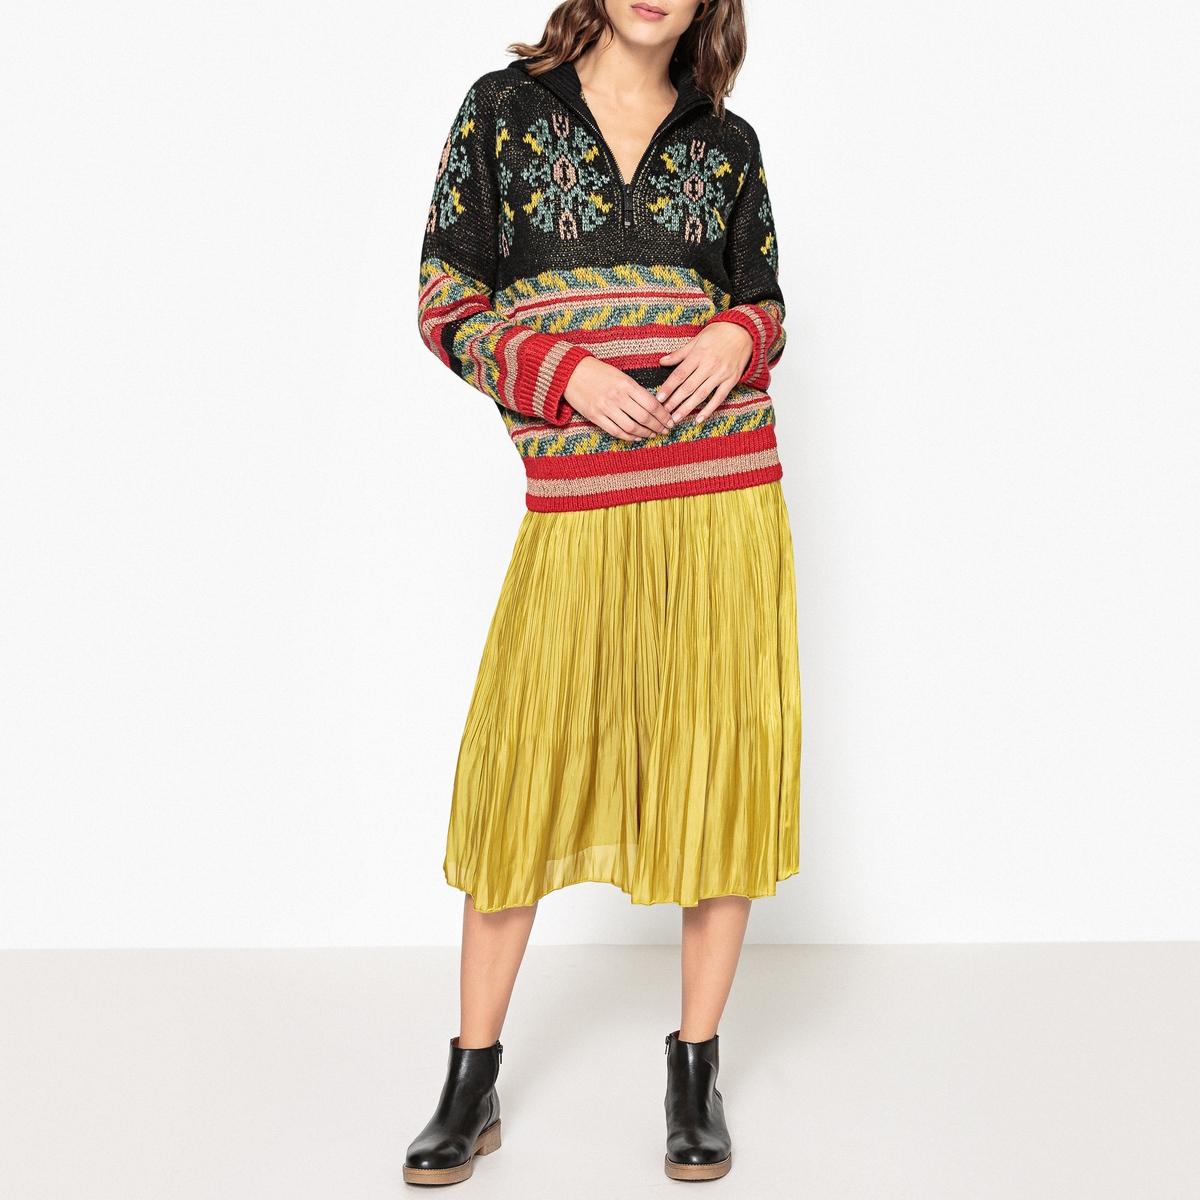 Пуловер с разноцветным жаккардовым рисункомРазноцветный пуловер с жаккардовым рисунком MAISON SCOTCH, воротник-стойка на молнии и отделка в рубчик.Детали •  Длинные рукава •  Воротник-стойка •  Плотный трикотаж  •  Жаккардовый рисунокСостав и уход •  6% шерсти, 52% акрила, 13% альпаки, 29% полиэстера •  Следуйте советам по уходу, указанным на этикетке<br><br>Цвет: разноцветный